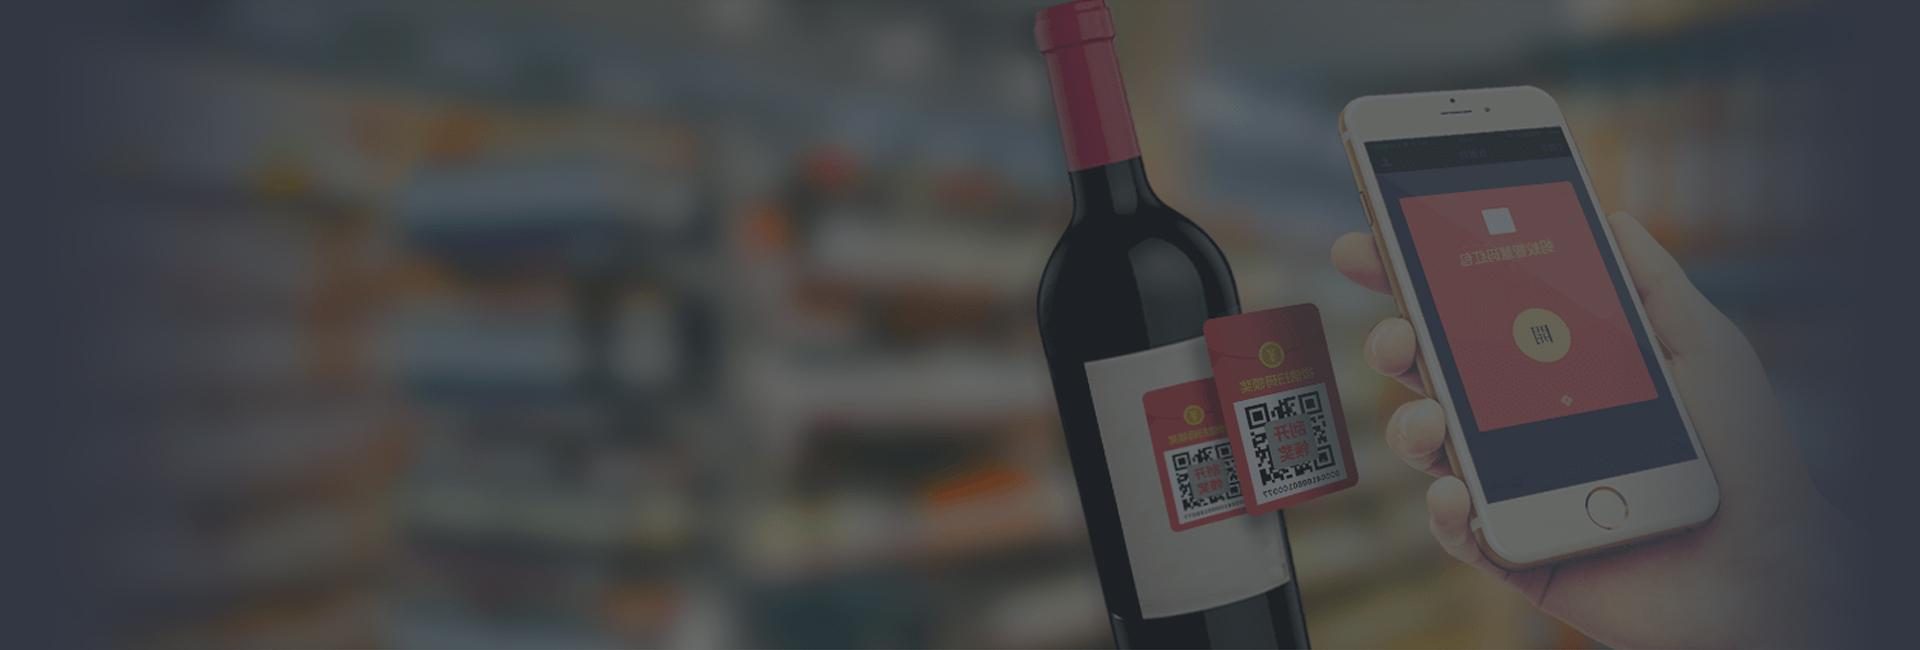 二维码营销系统 一物一码红包